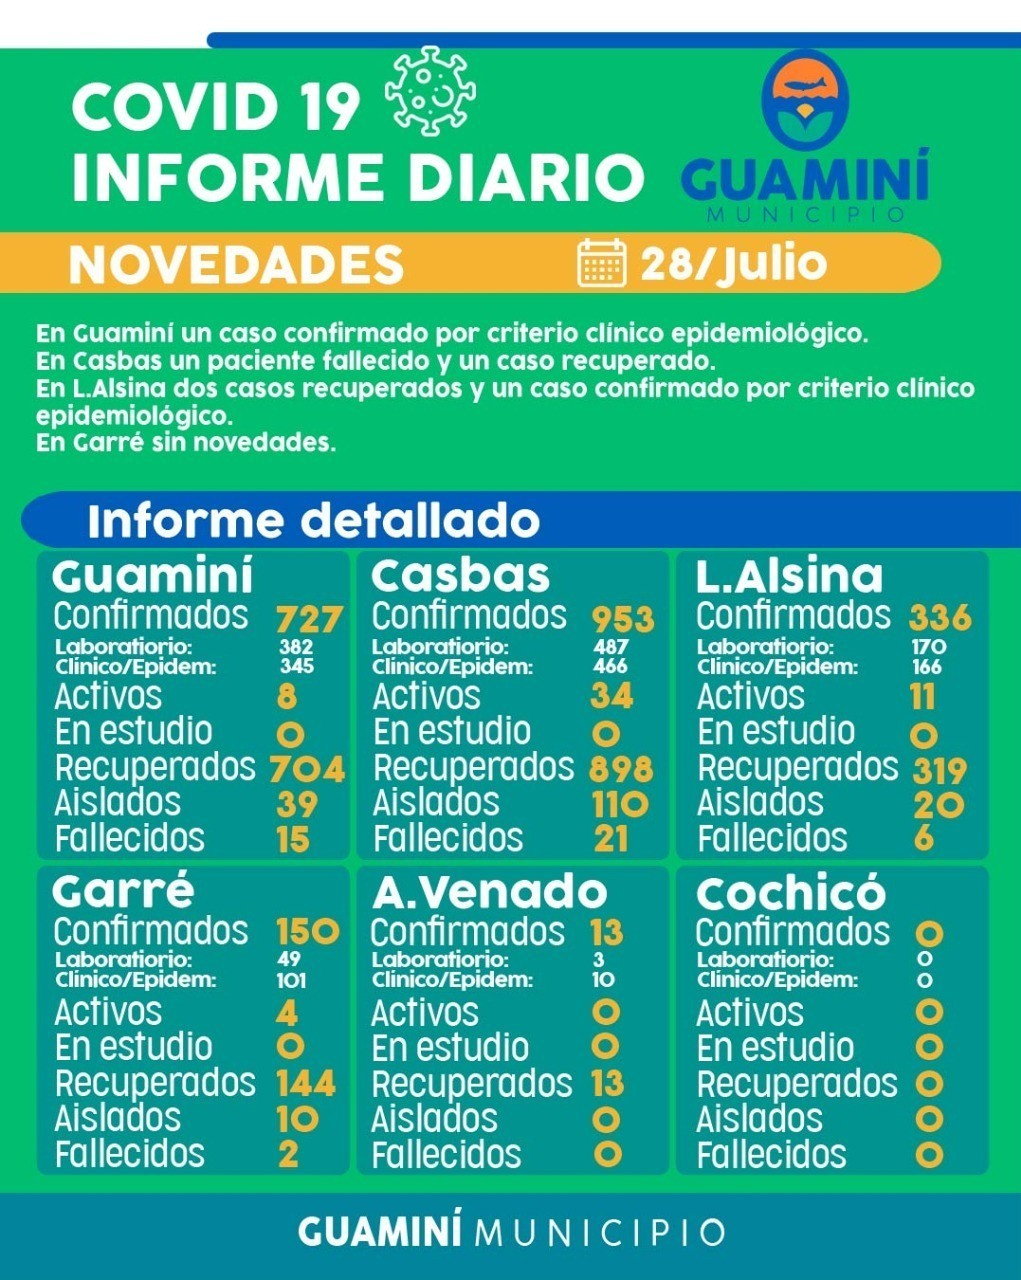 CORONAVIRUS: INFORME DIARIO DE SITUACIÓN A NIVEL LOCAL - 28 DE JULIO -